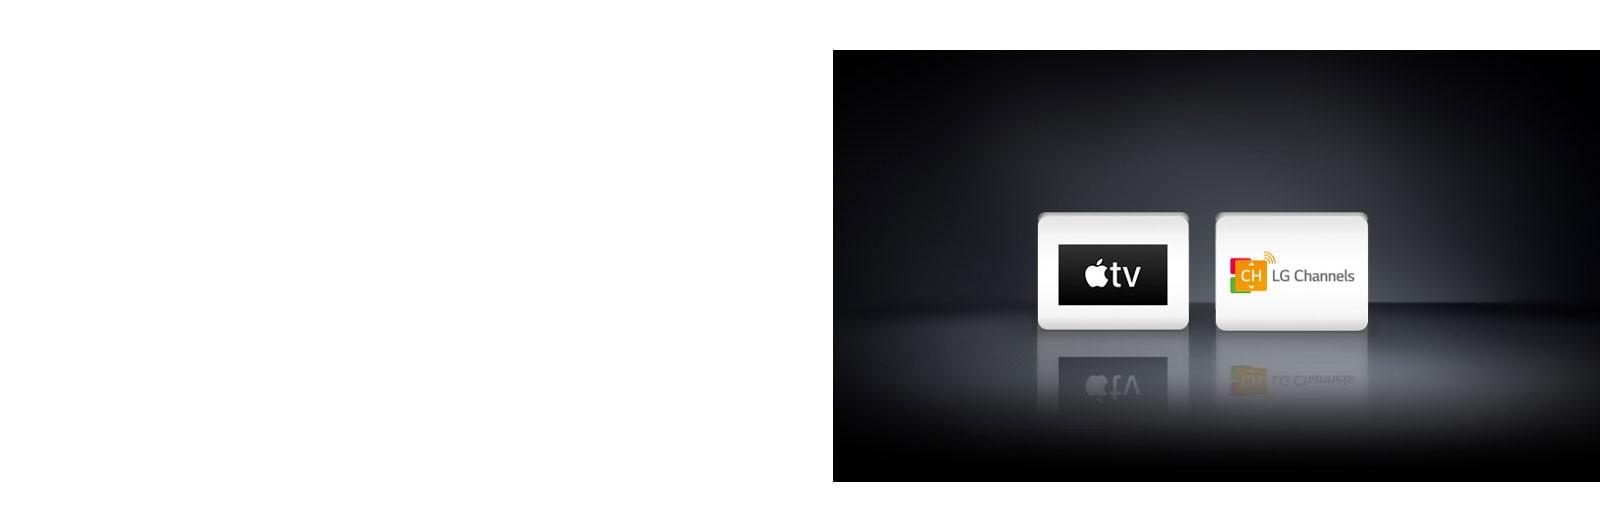 Два логотипа: Apple TV и LG Channels